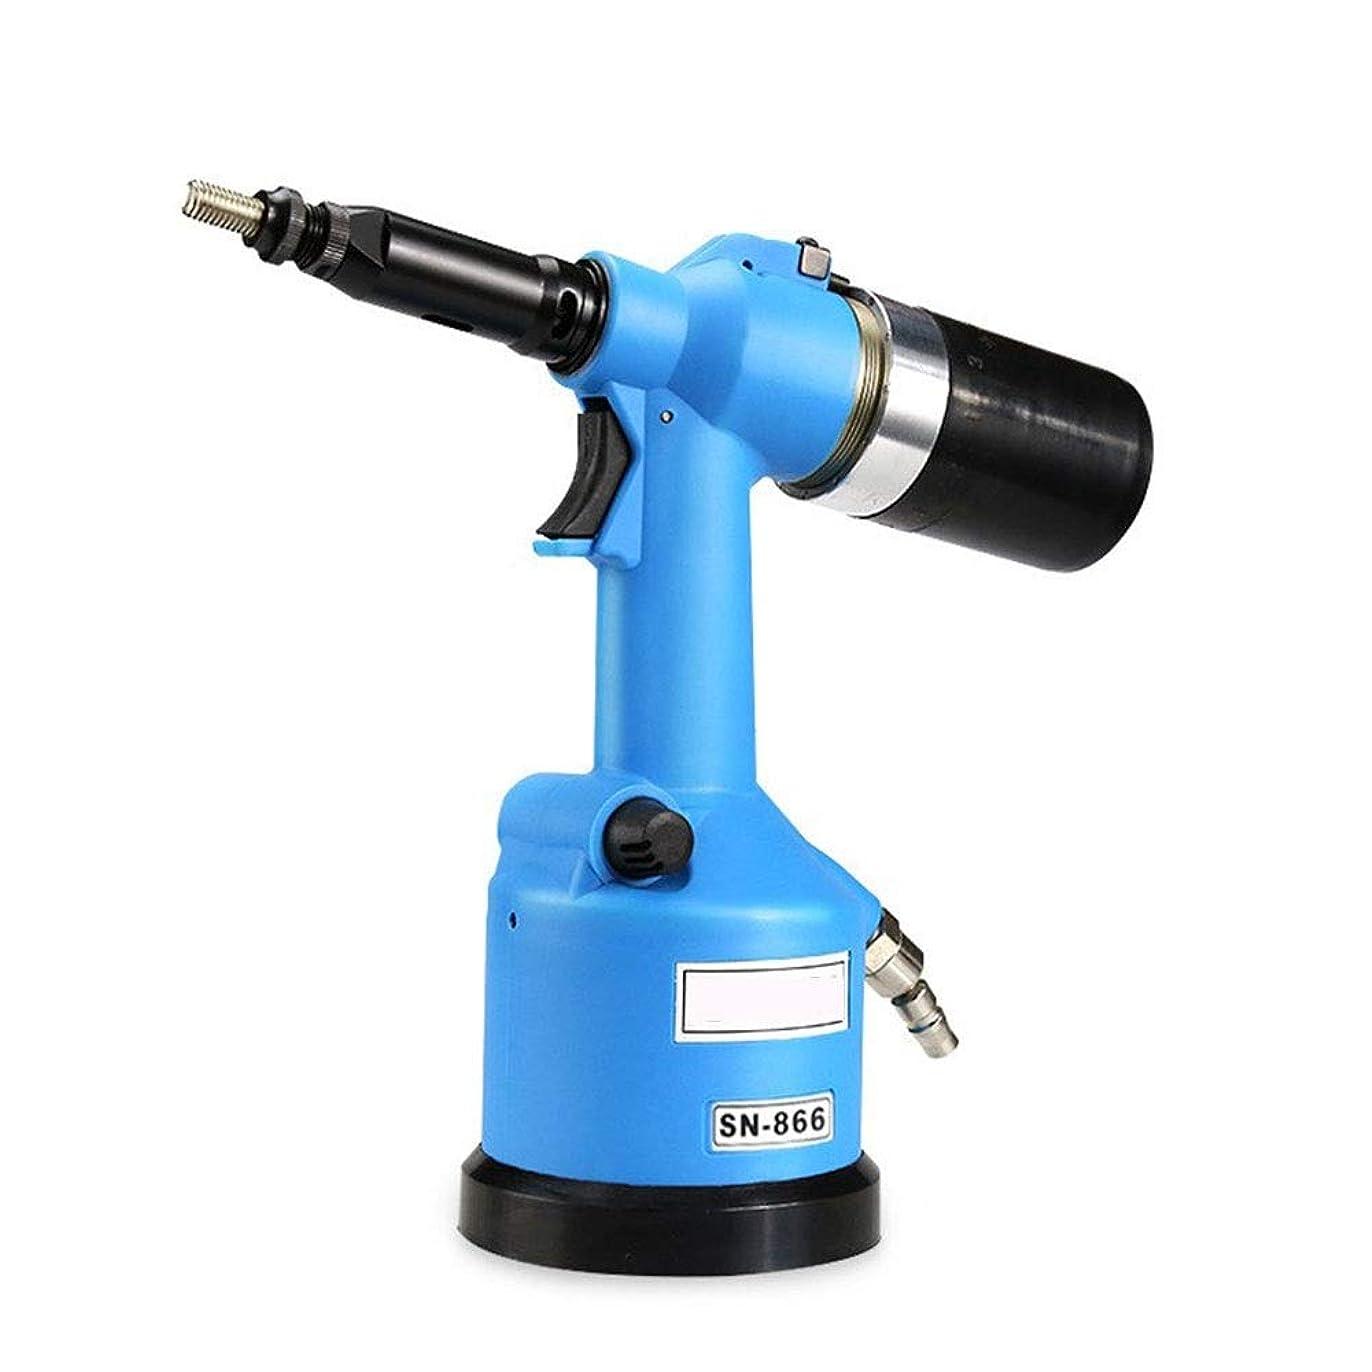 減るヒープ杭空気圧ナットガン、SN-866自動空気圧キャップガンハンドツール エアドリル エアチゼルハンマー